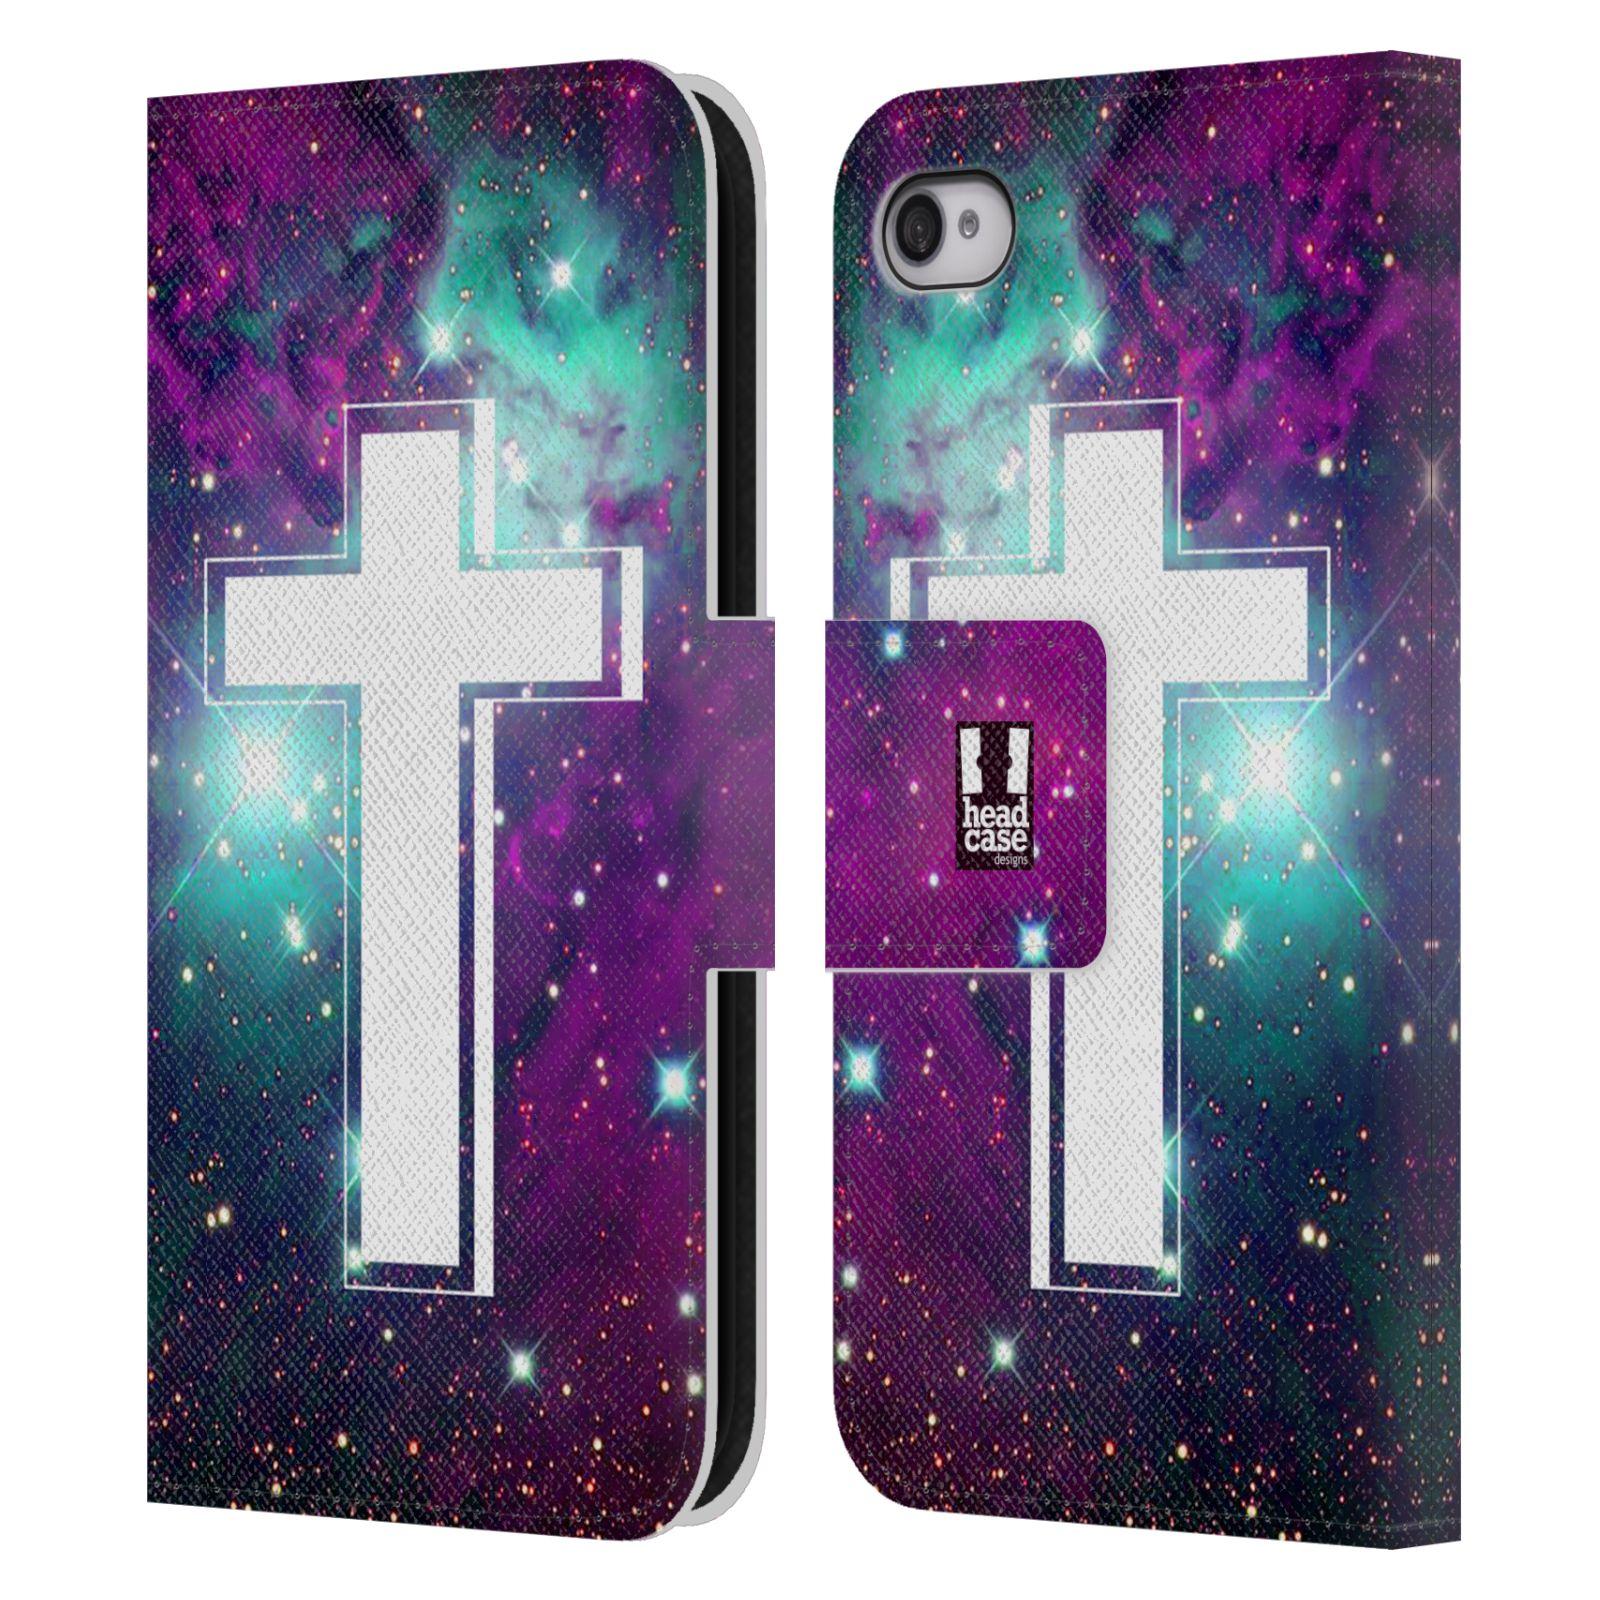 HEAD CASE Flipové pouzdro pro mobil Apple Iphone 4 4s barevný kříž fialová  barva vesmír mlhovina b77fd303d7e